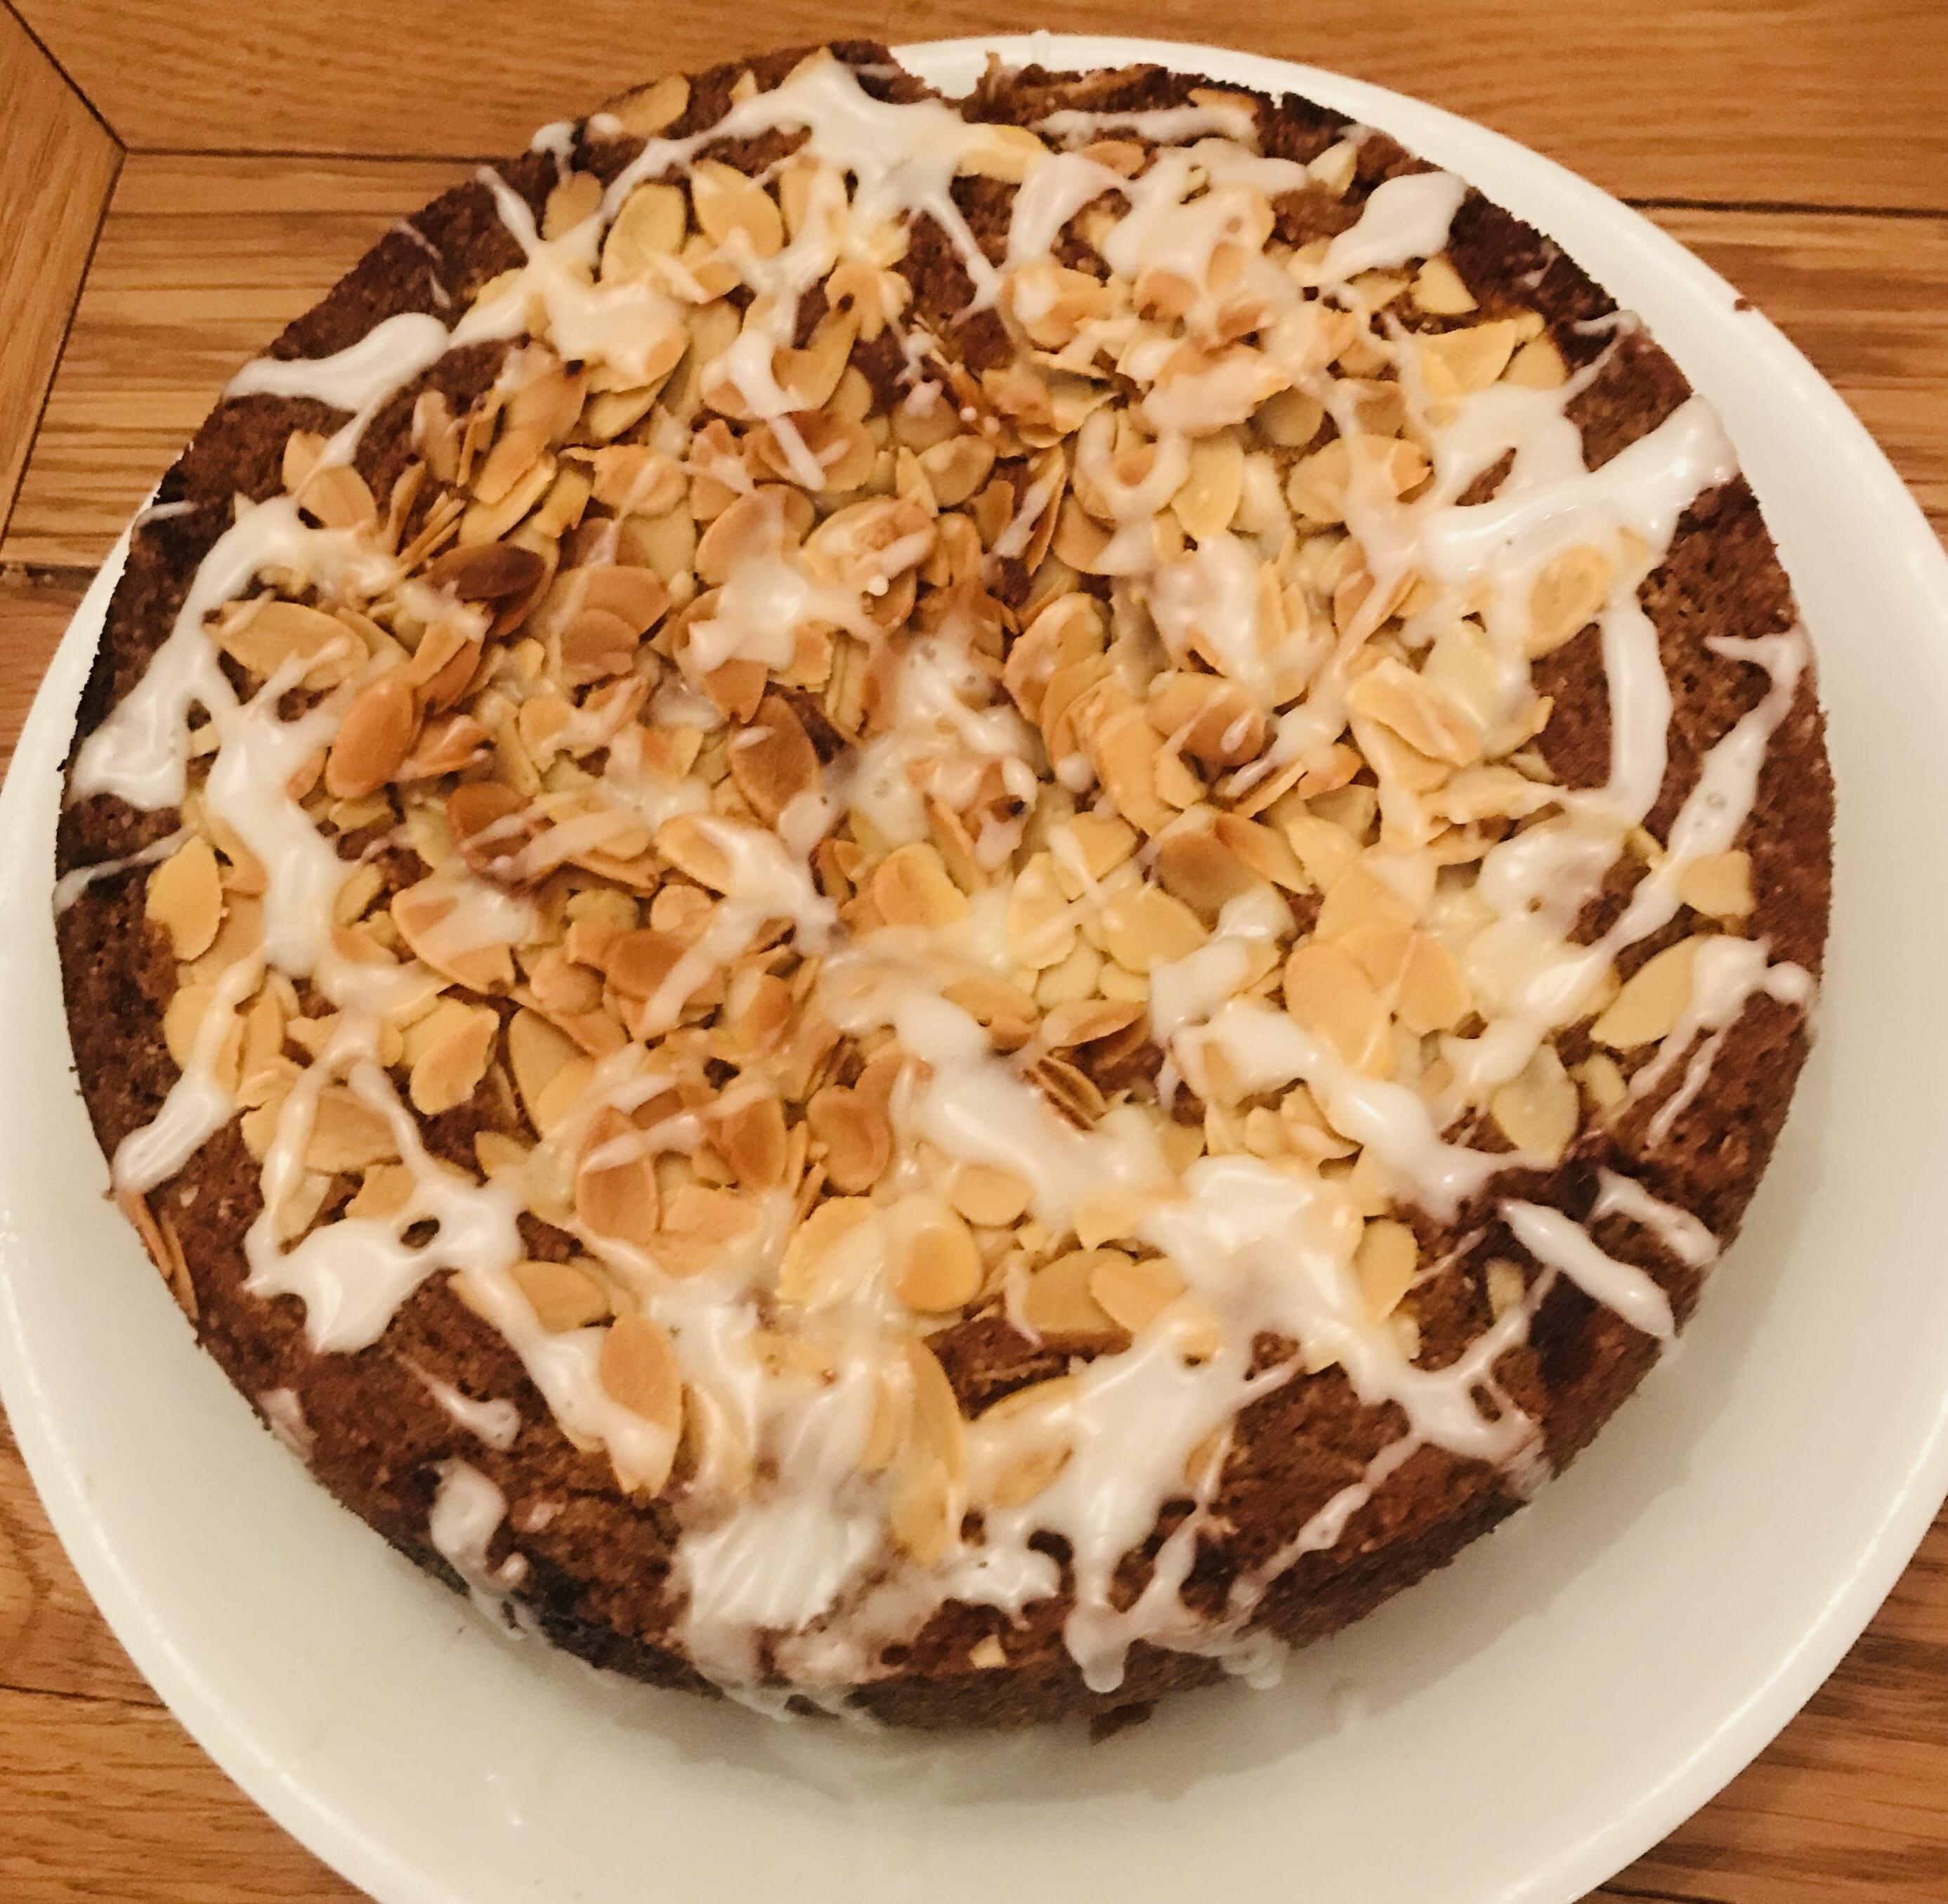 Cherry Almond cake (Vegan & Dairy Free)